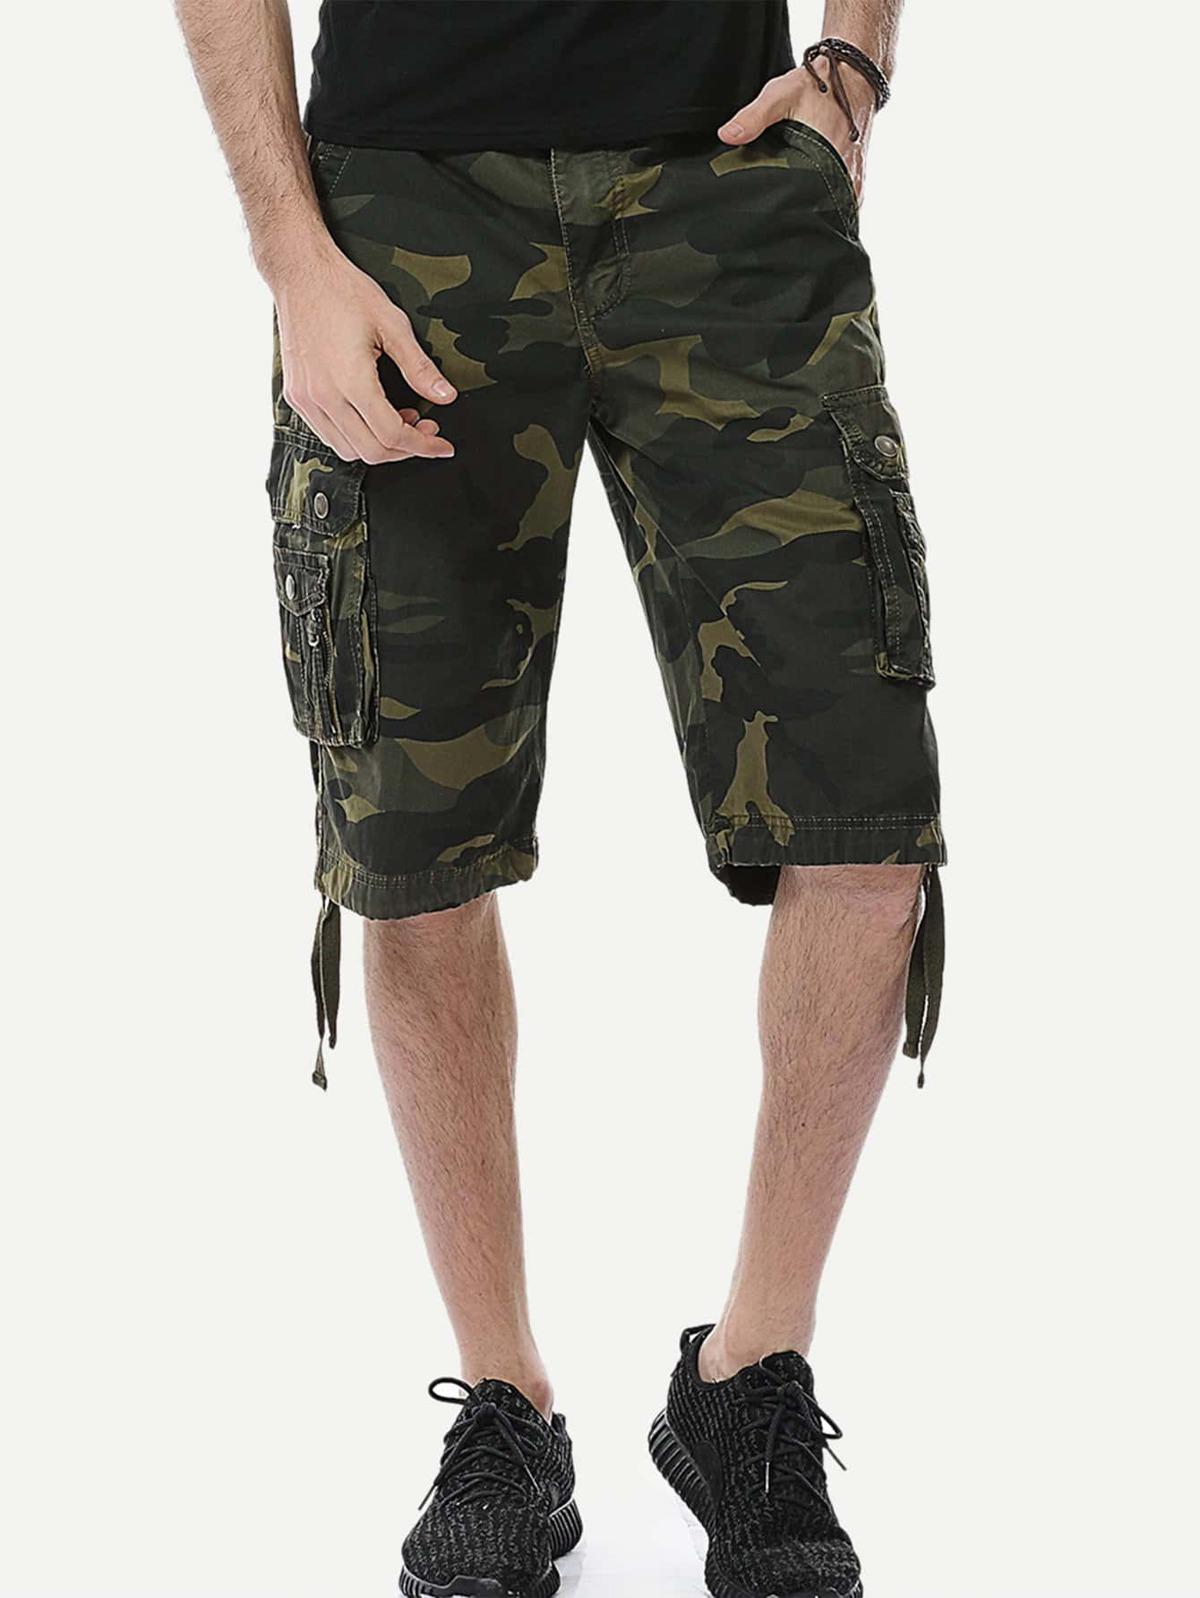 男人 口袋 側邊 迷彩色 短褲